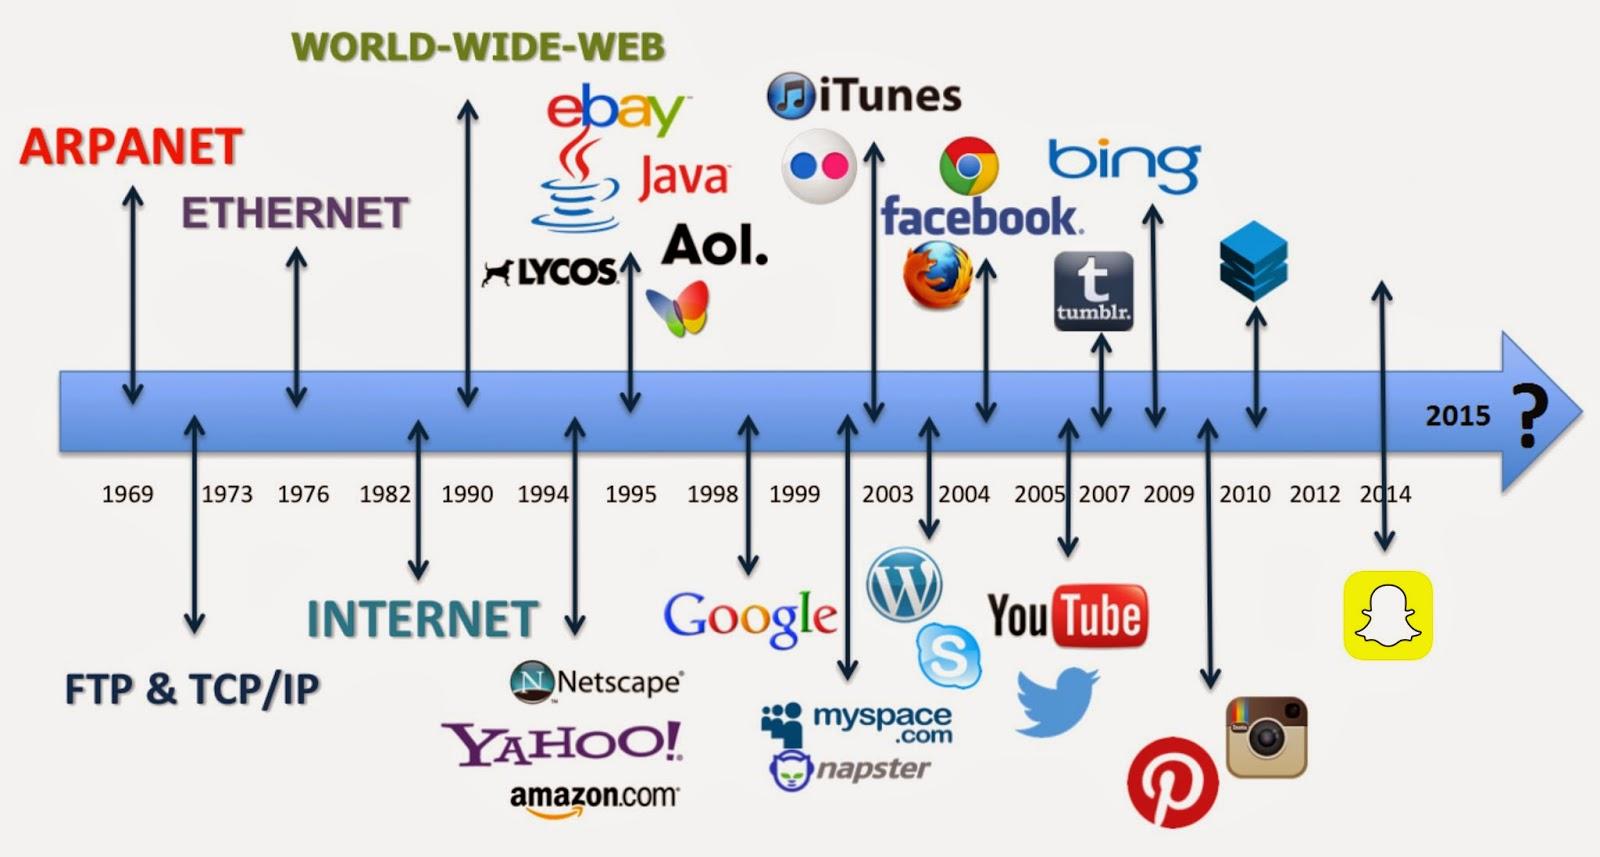 Sejarah Penting Perkembangan Internet Sampai Sekarang | All About Computer